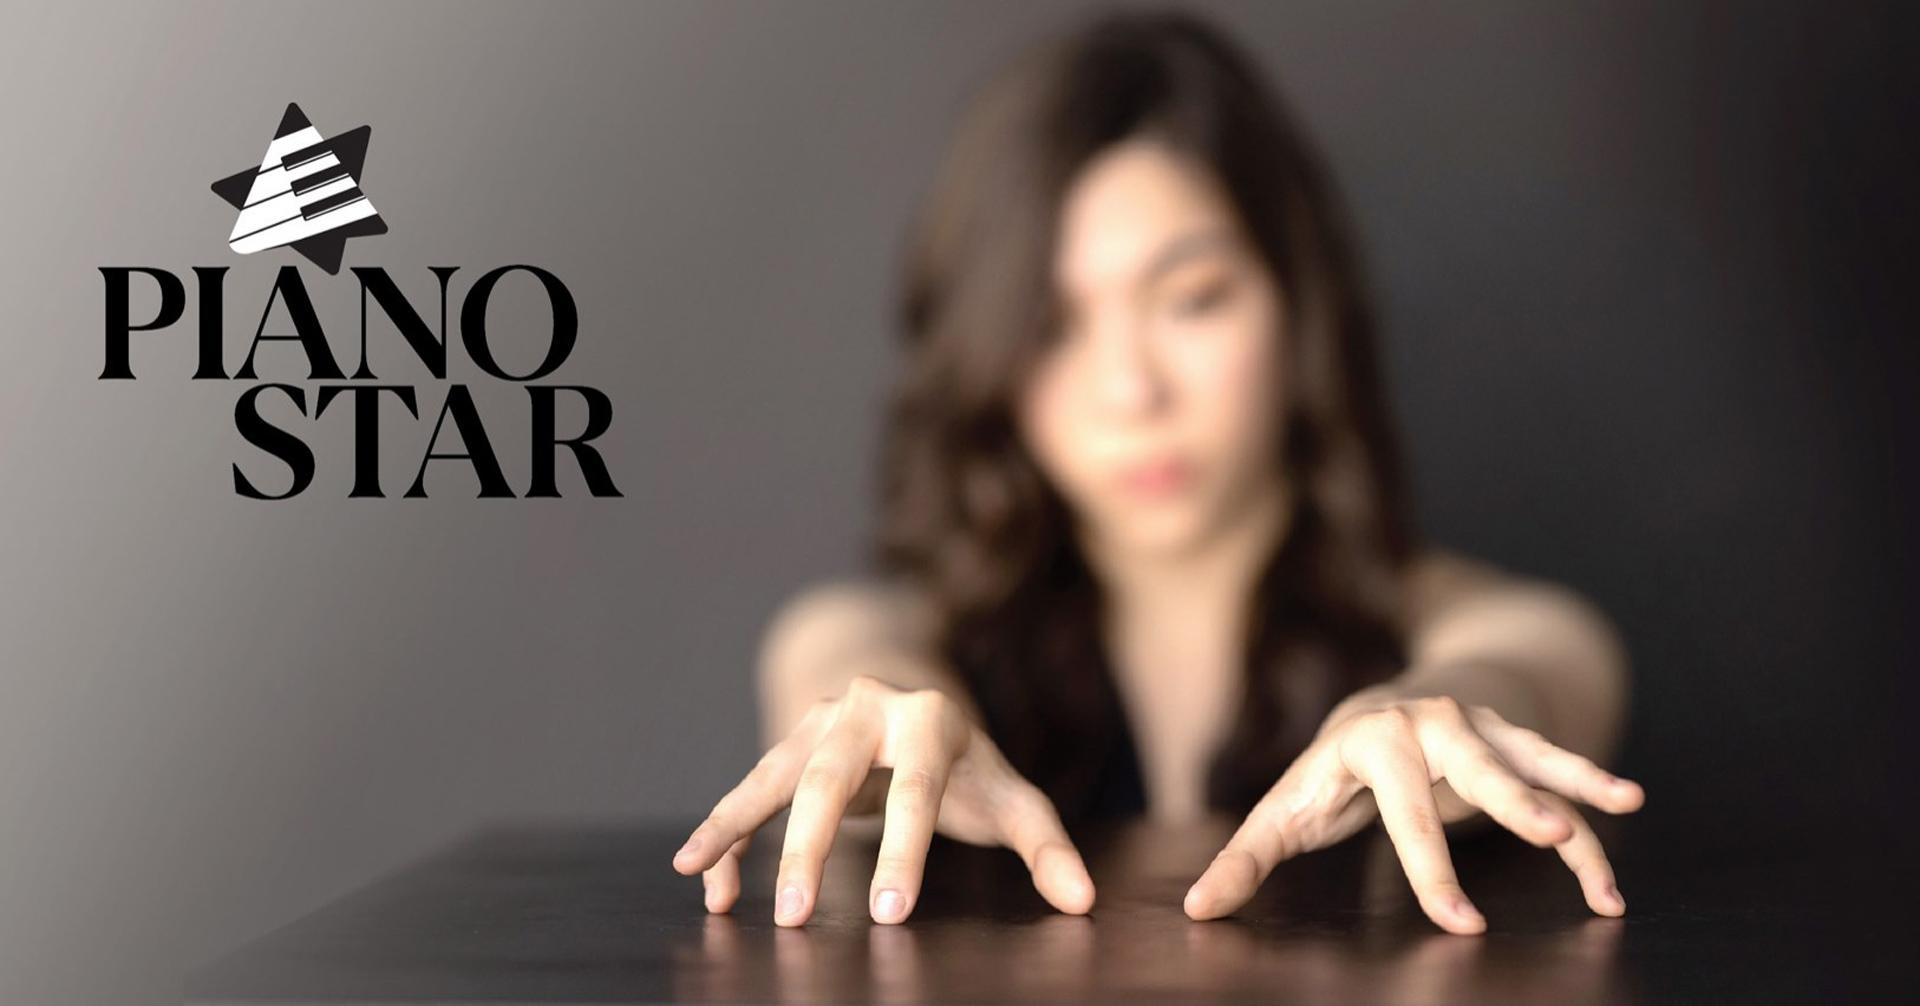 Piano STAR, înscrieri în programul de excelență dedicat tinerilor pianiști